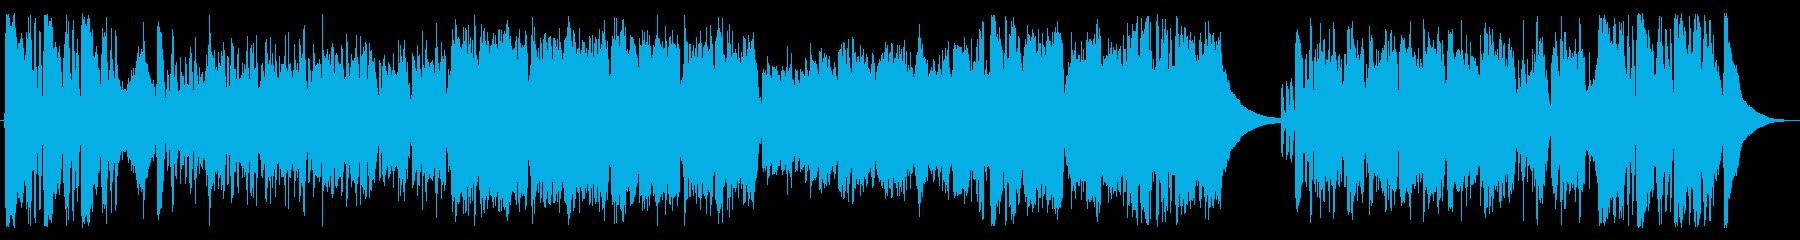 不思議な世界に迷い込んだストリングス曲の再生済みの波形